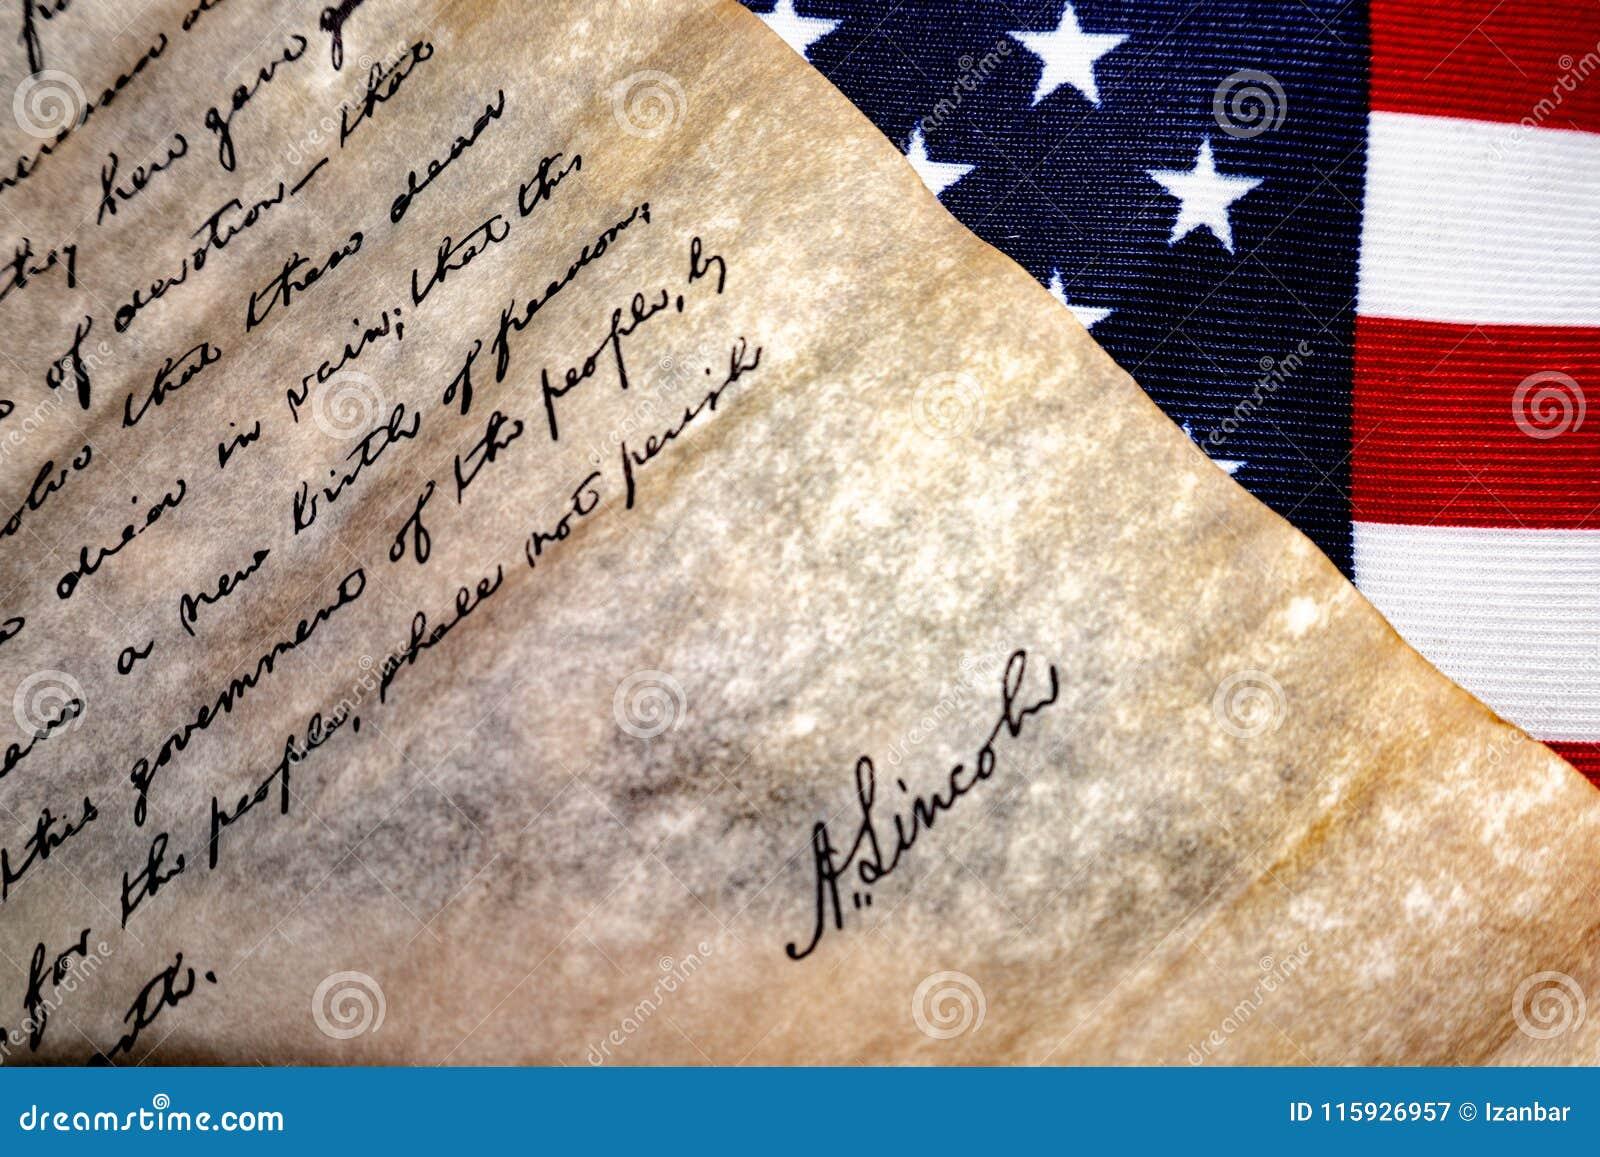 Discorso di indirizzo di Gettysburg da U S Presidente Abraham Lincoln